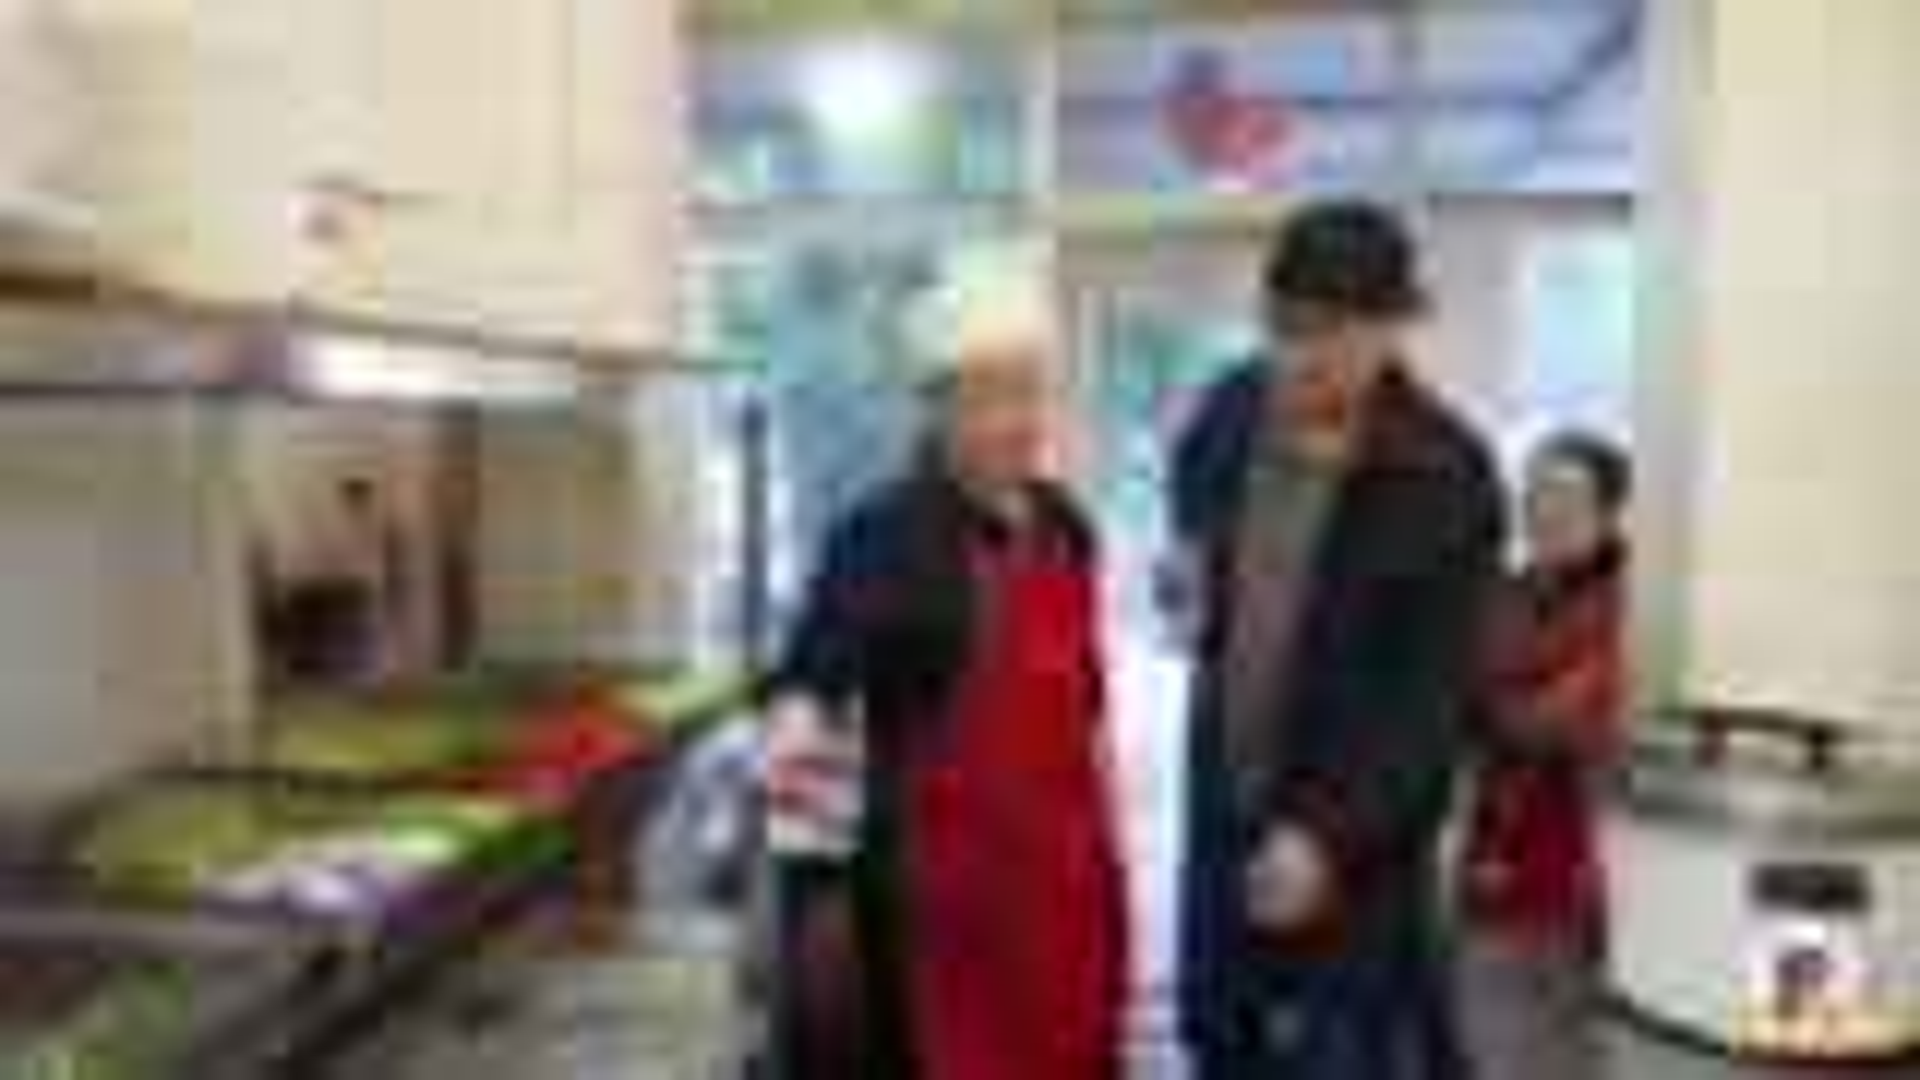 【阿星探店】成都大叔在家做川菜,没有菜单,看料做菜,老外都赶来吃